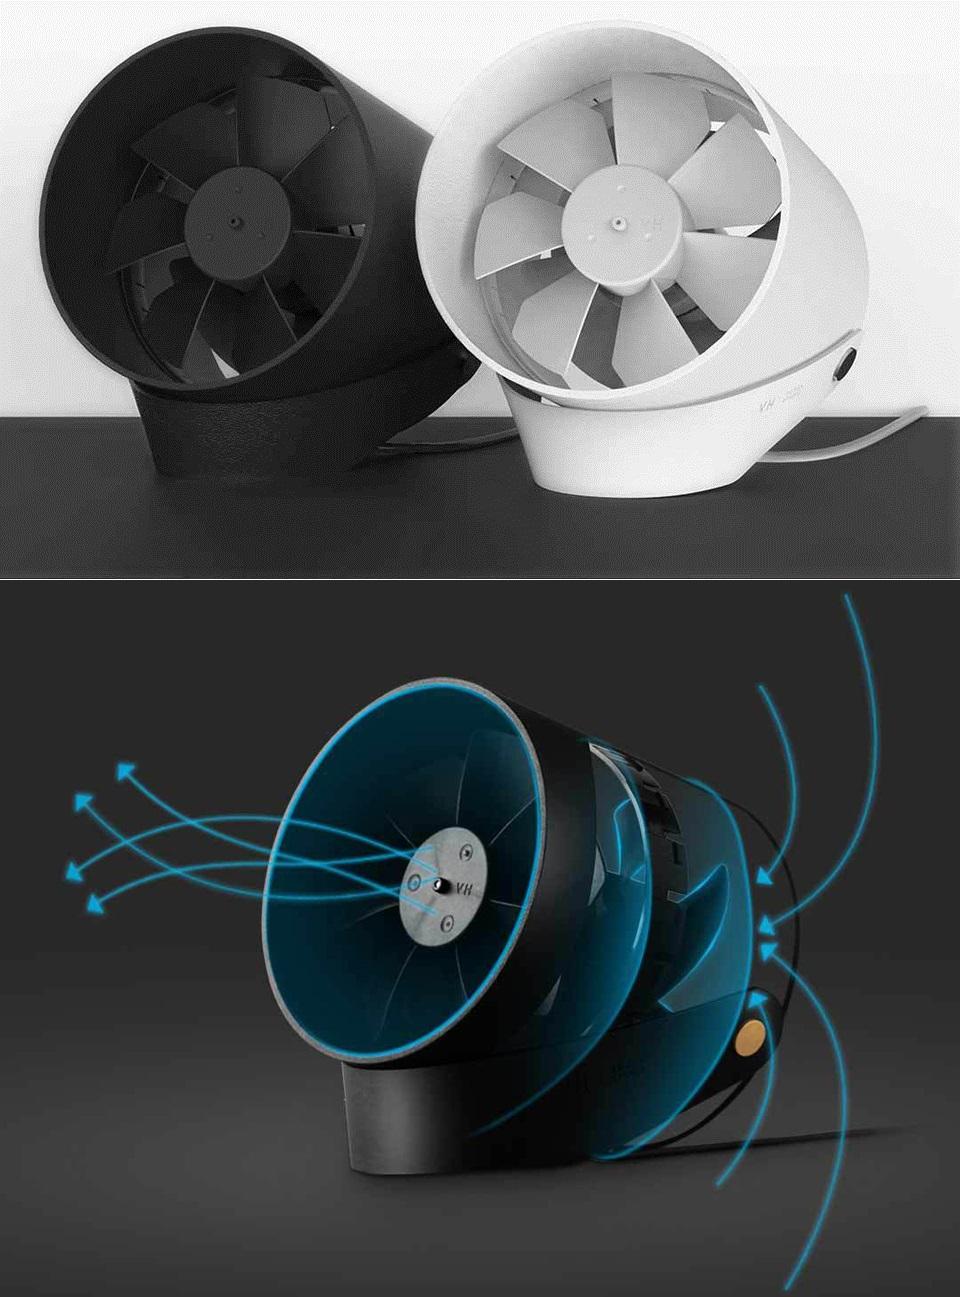 Вентилятор VH USB Futaba  в черном и белом цвете